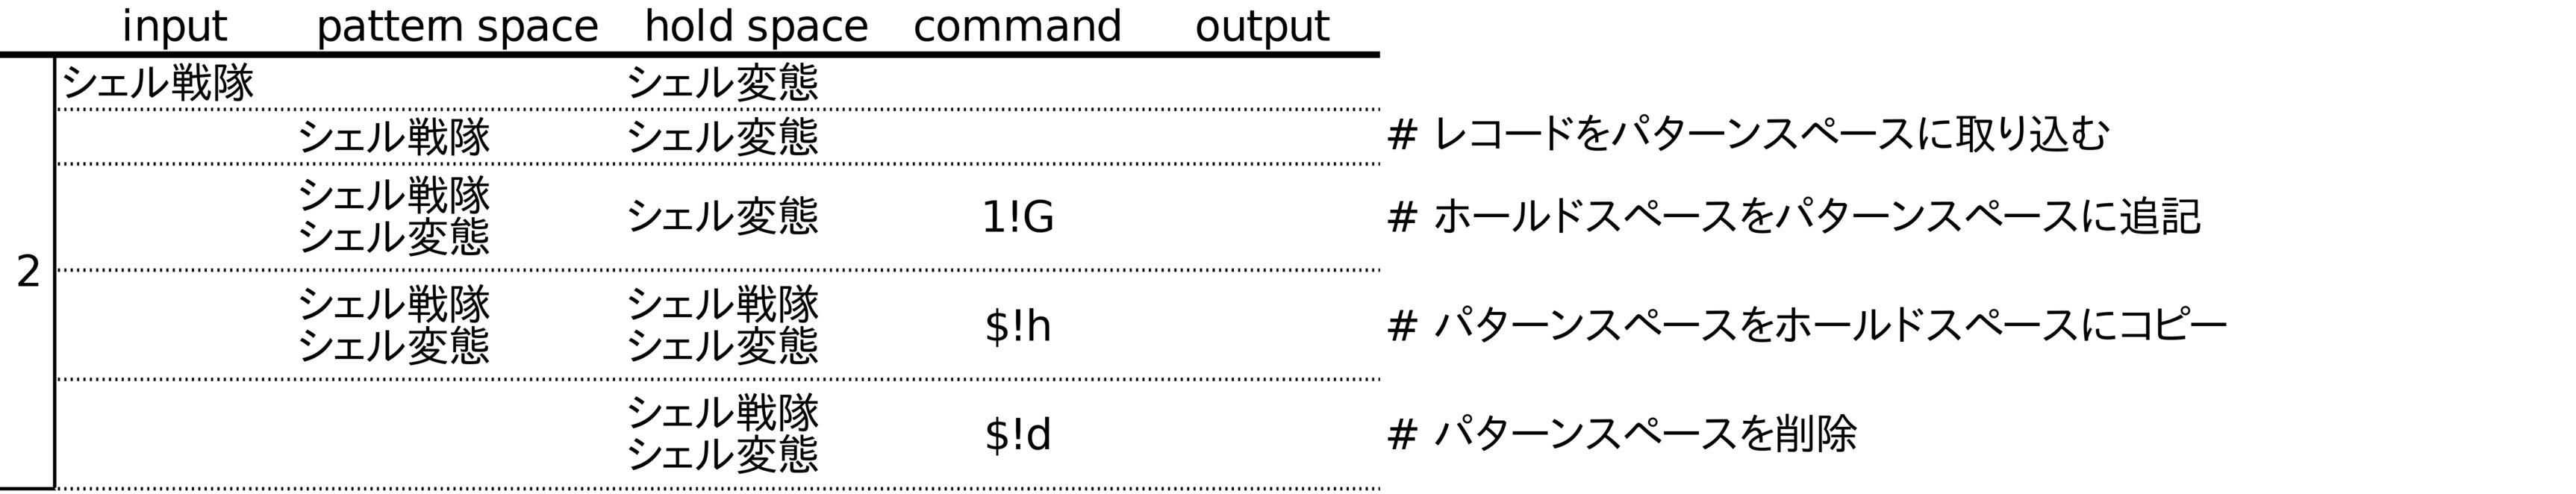 fig2-2-4.jpg